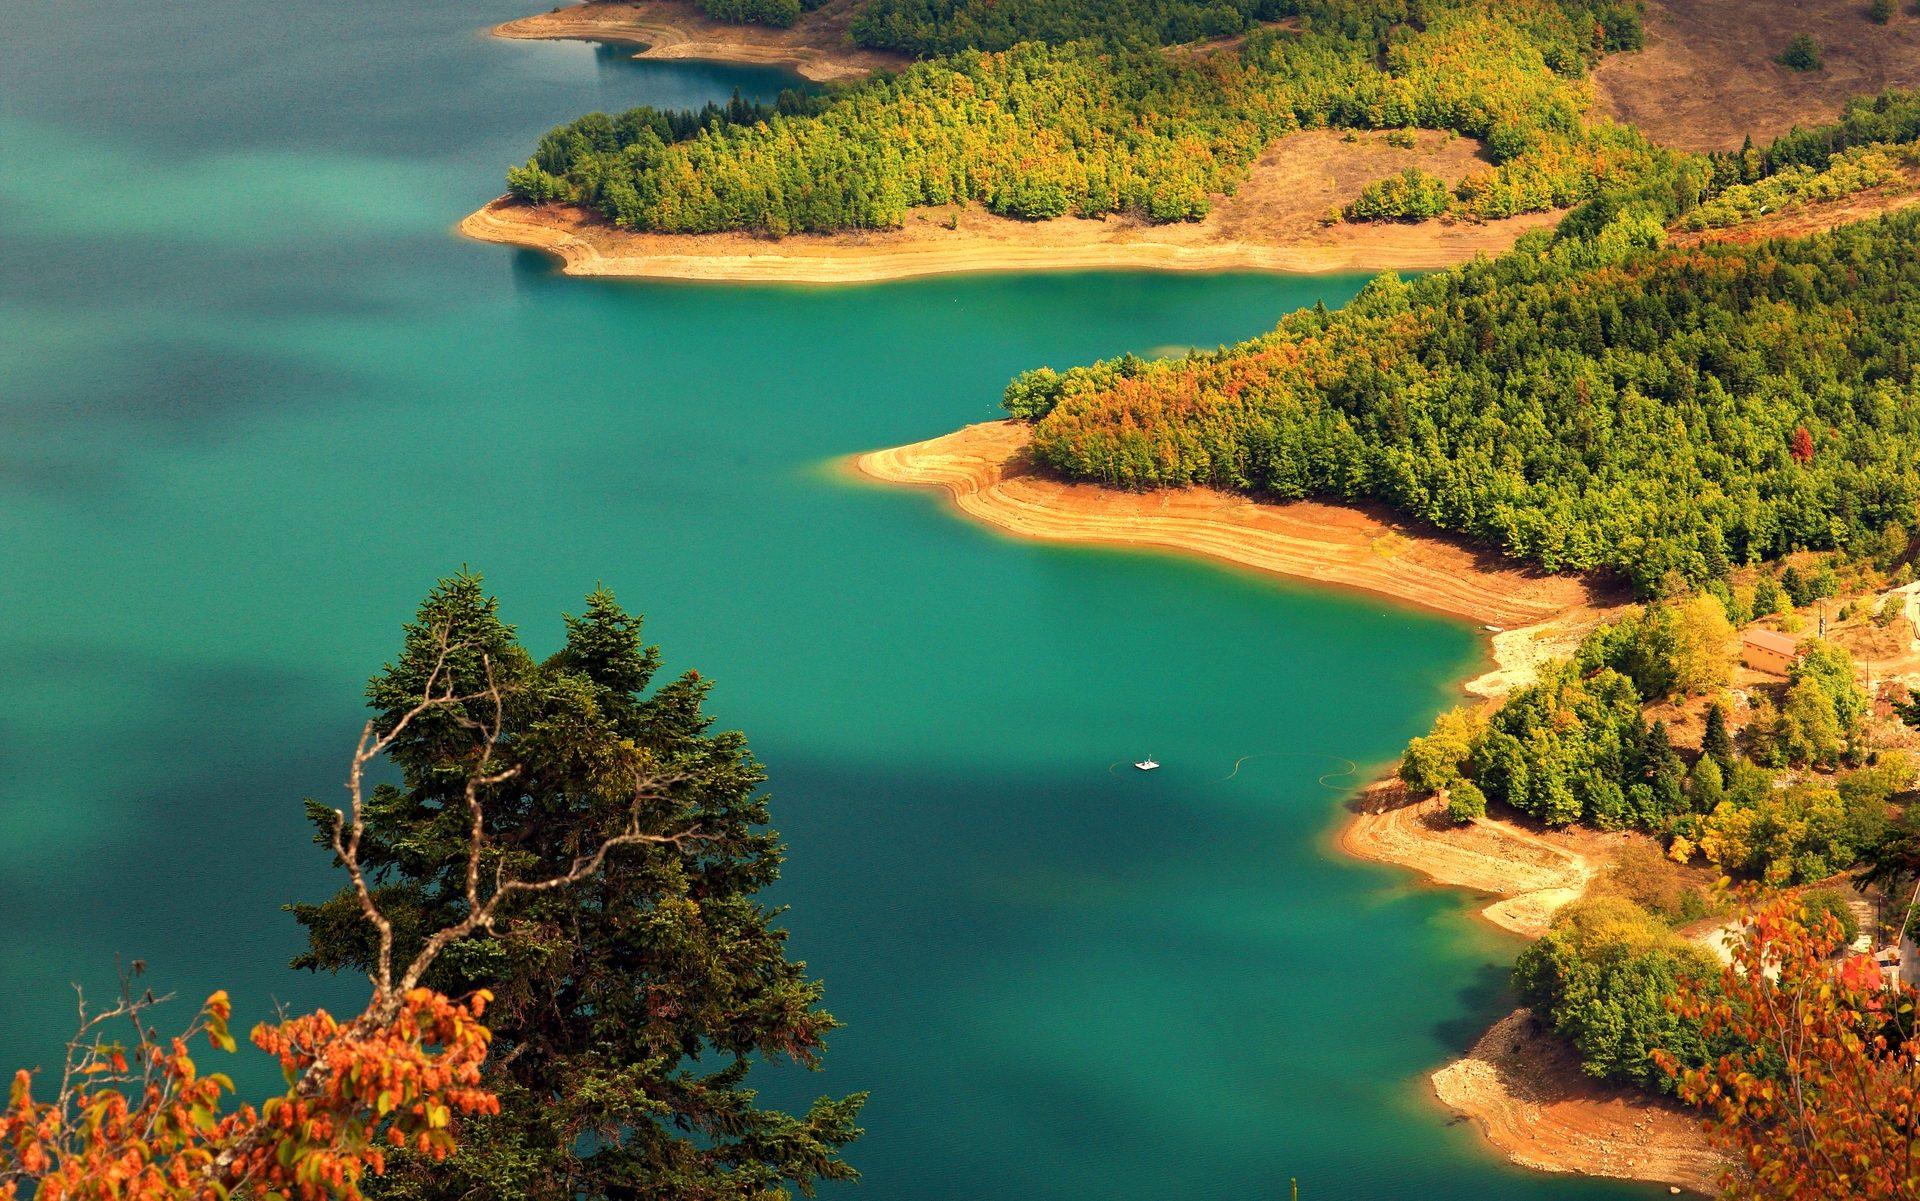 Κέρδισε ένα ταξίδι στη Λίμνη Πλαστήρα - YourTipster.gr